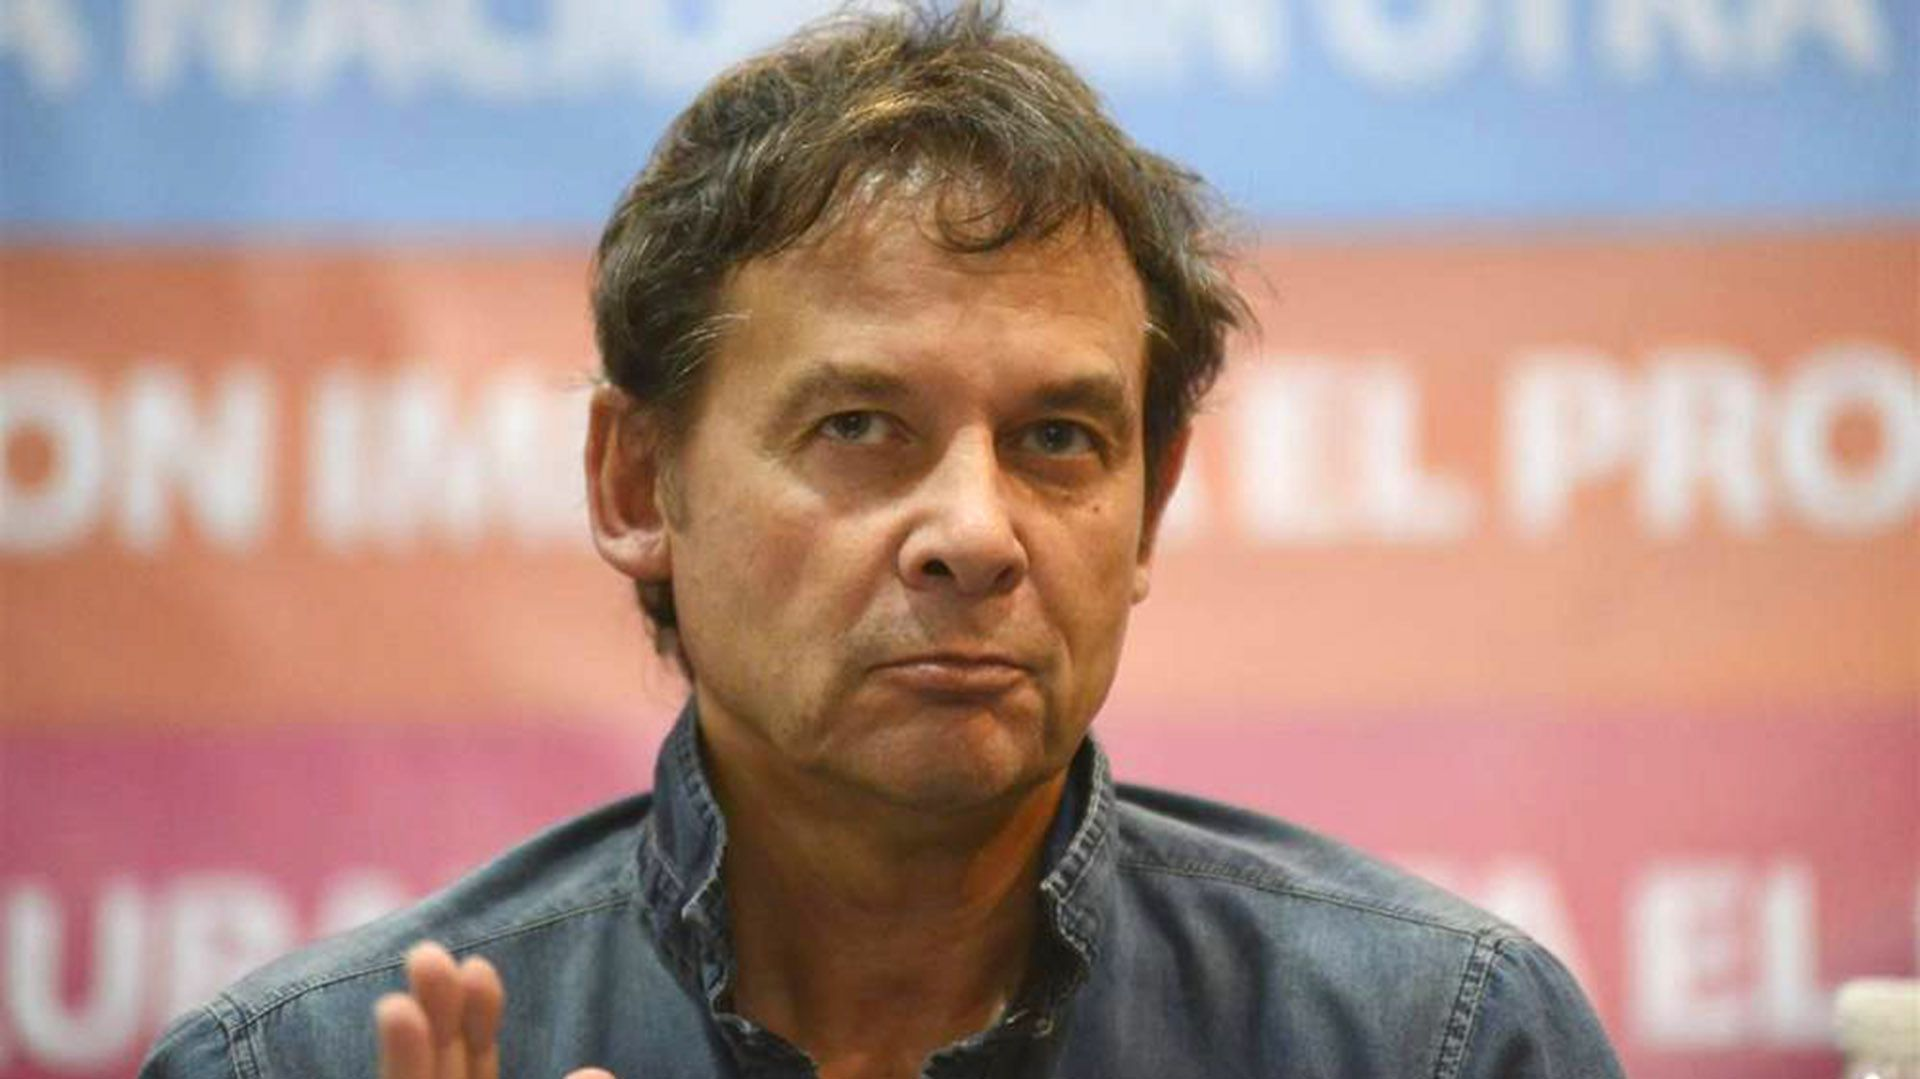 El senador nacional por Santa Cruz Eduardo Costa (Juntos por el Cambio)